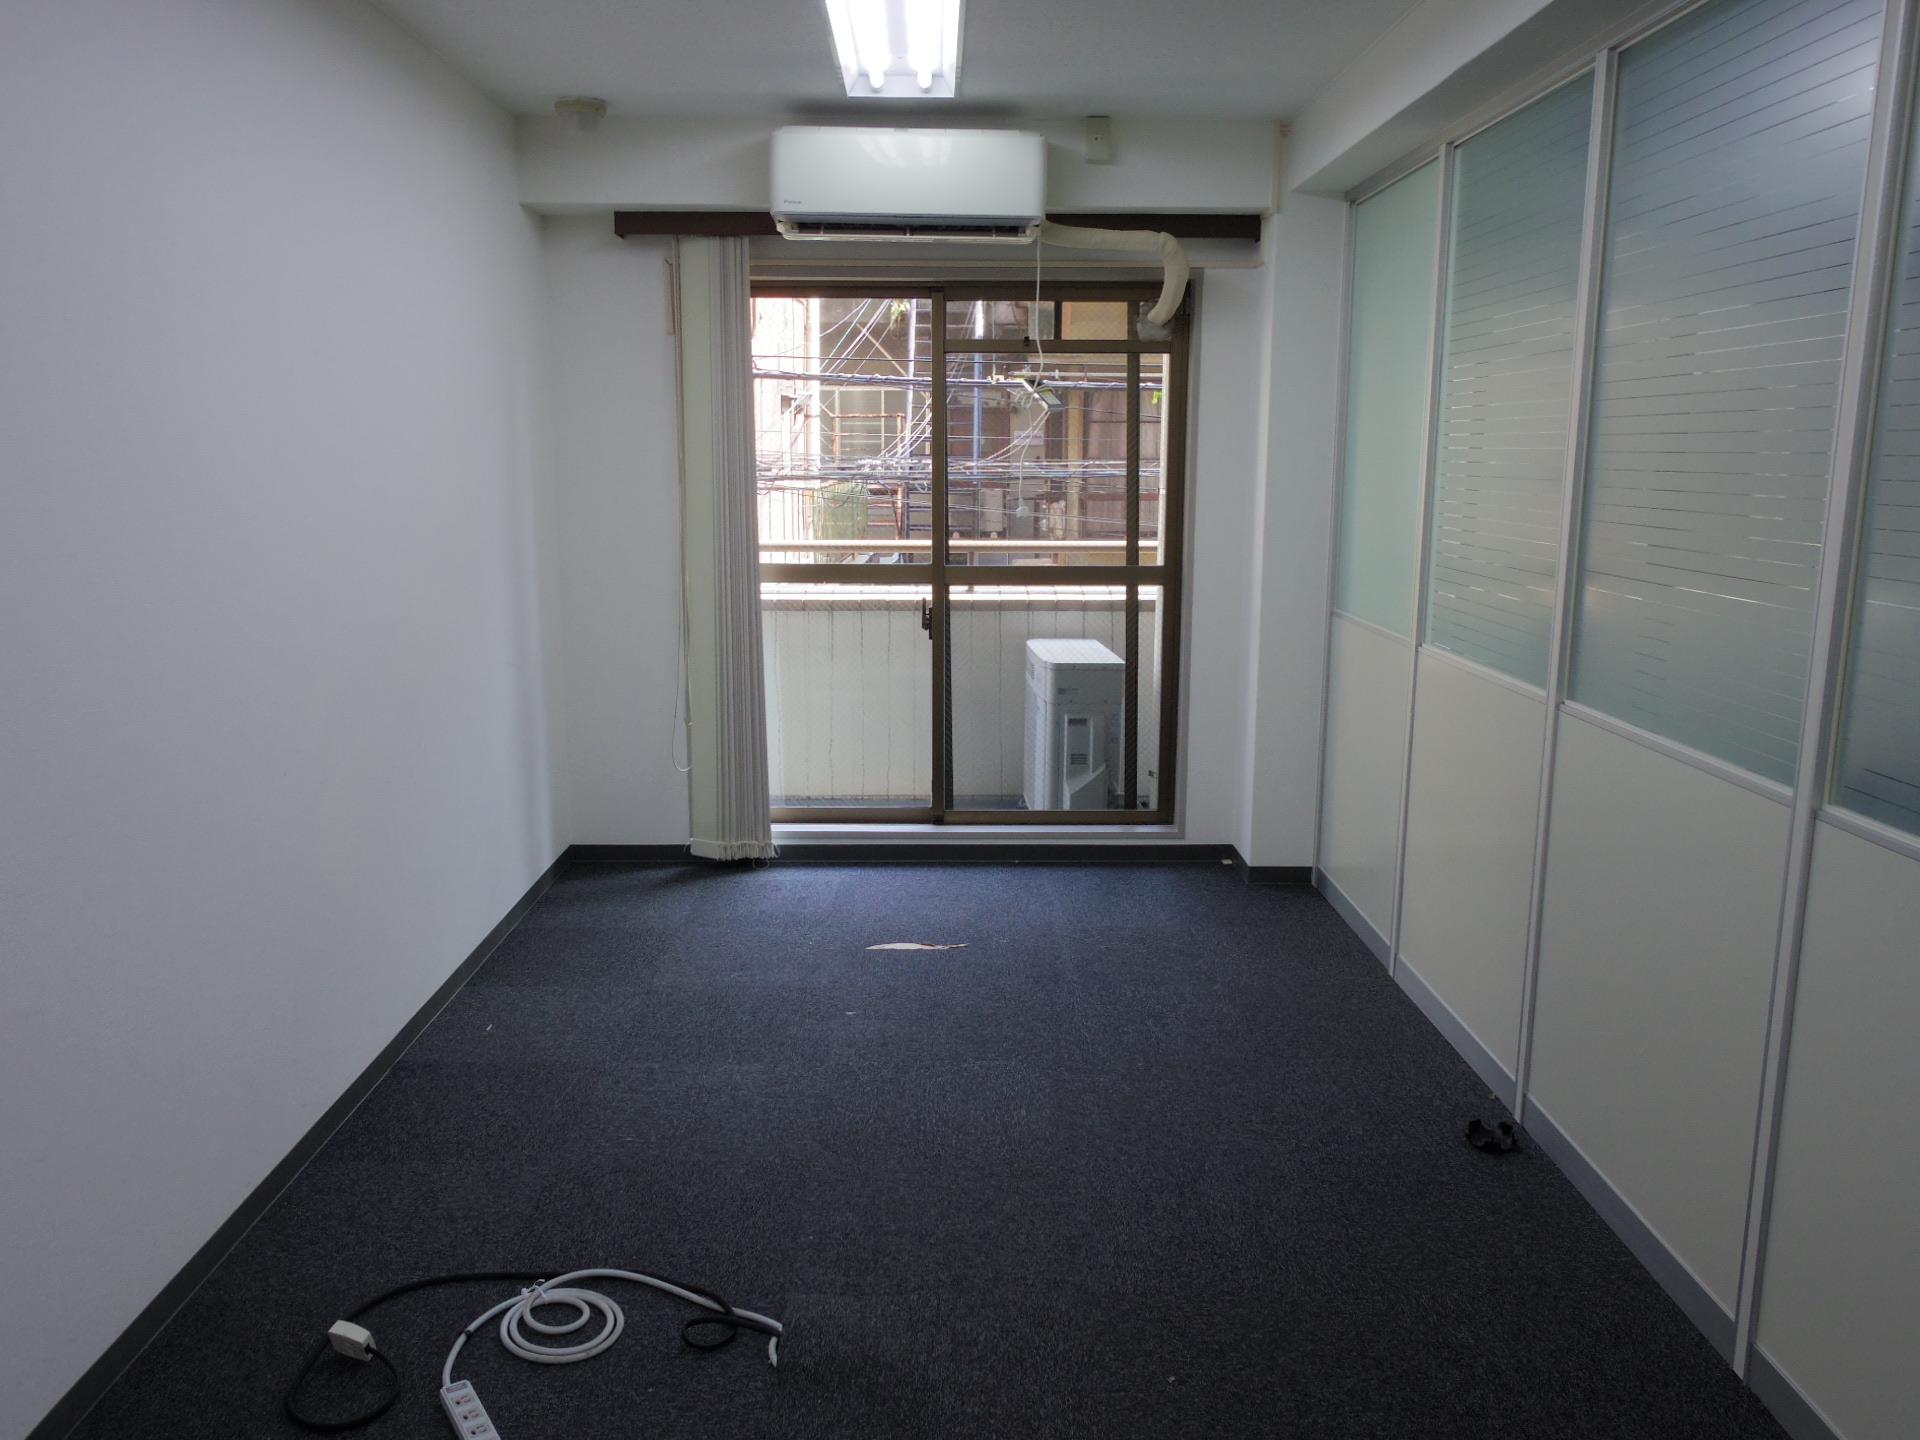 【居抜き】曙橋、約80坪。駅チカ。<br>効率よく使えるスタイリッシュな個室×3